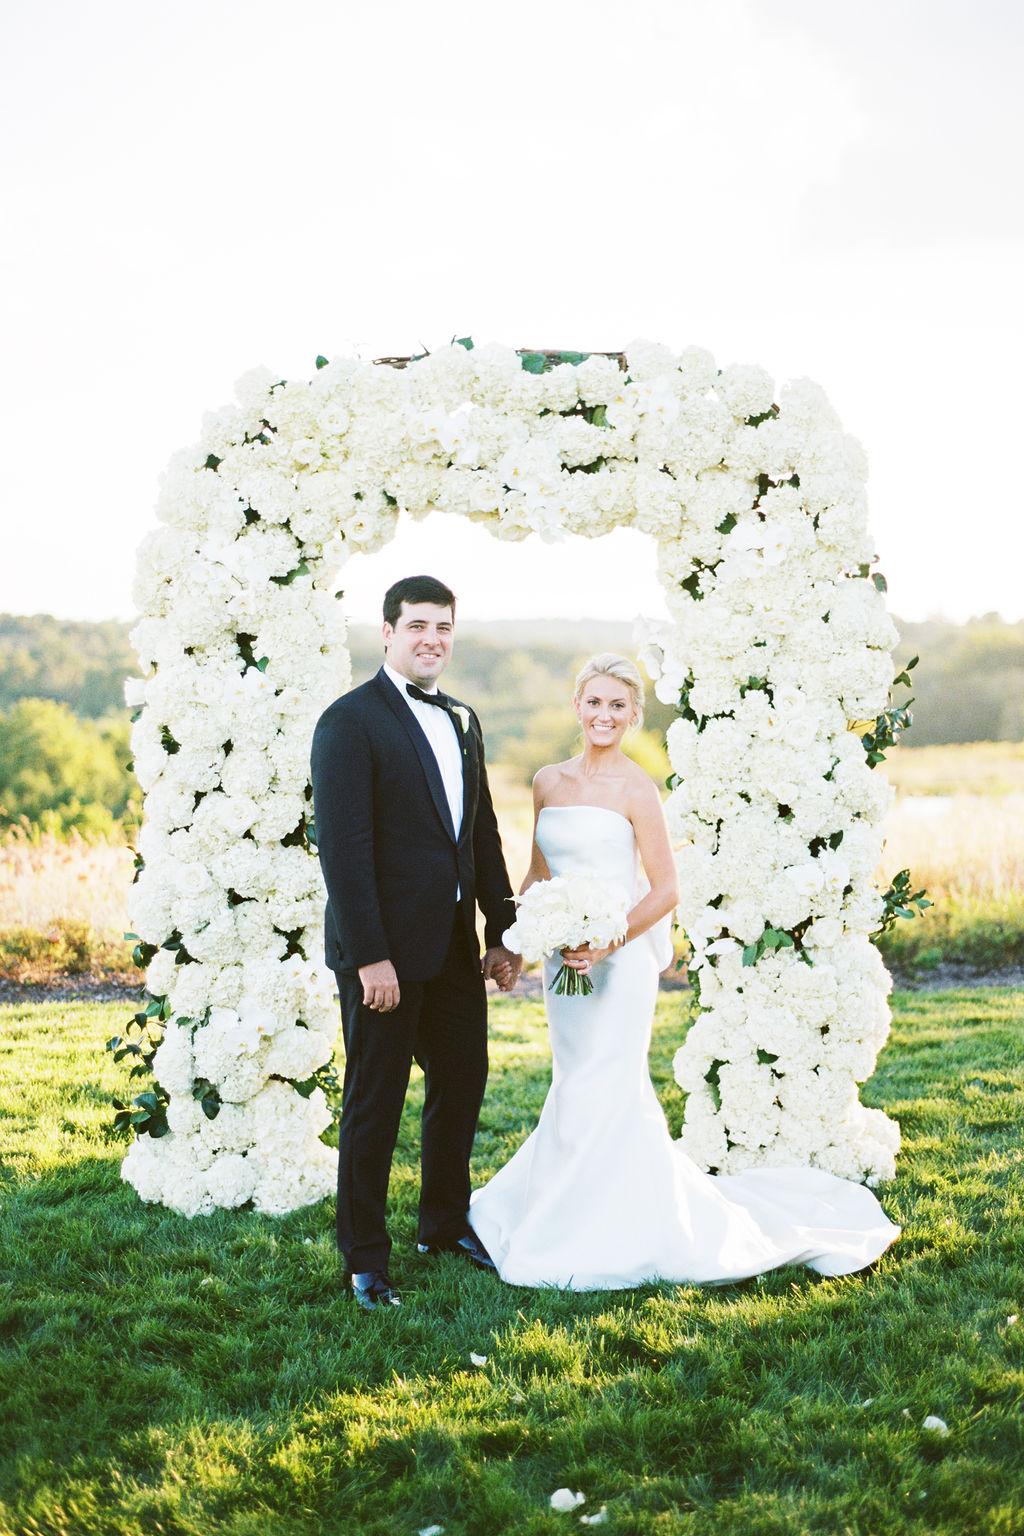 Courtney & Linkon